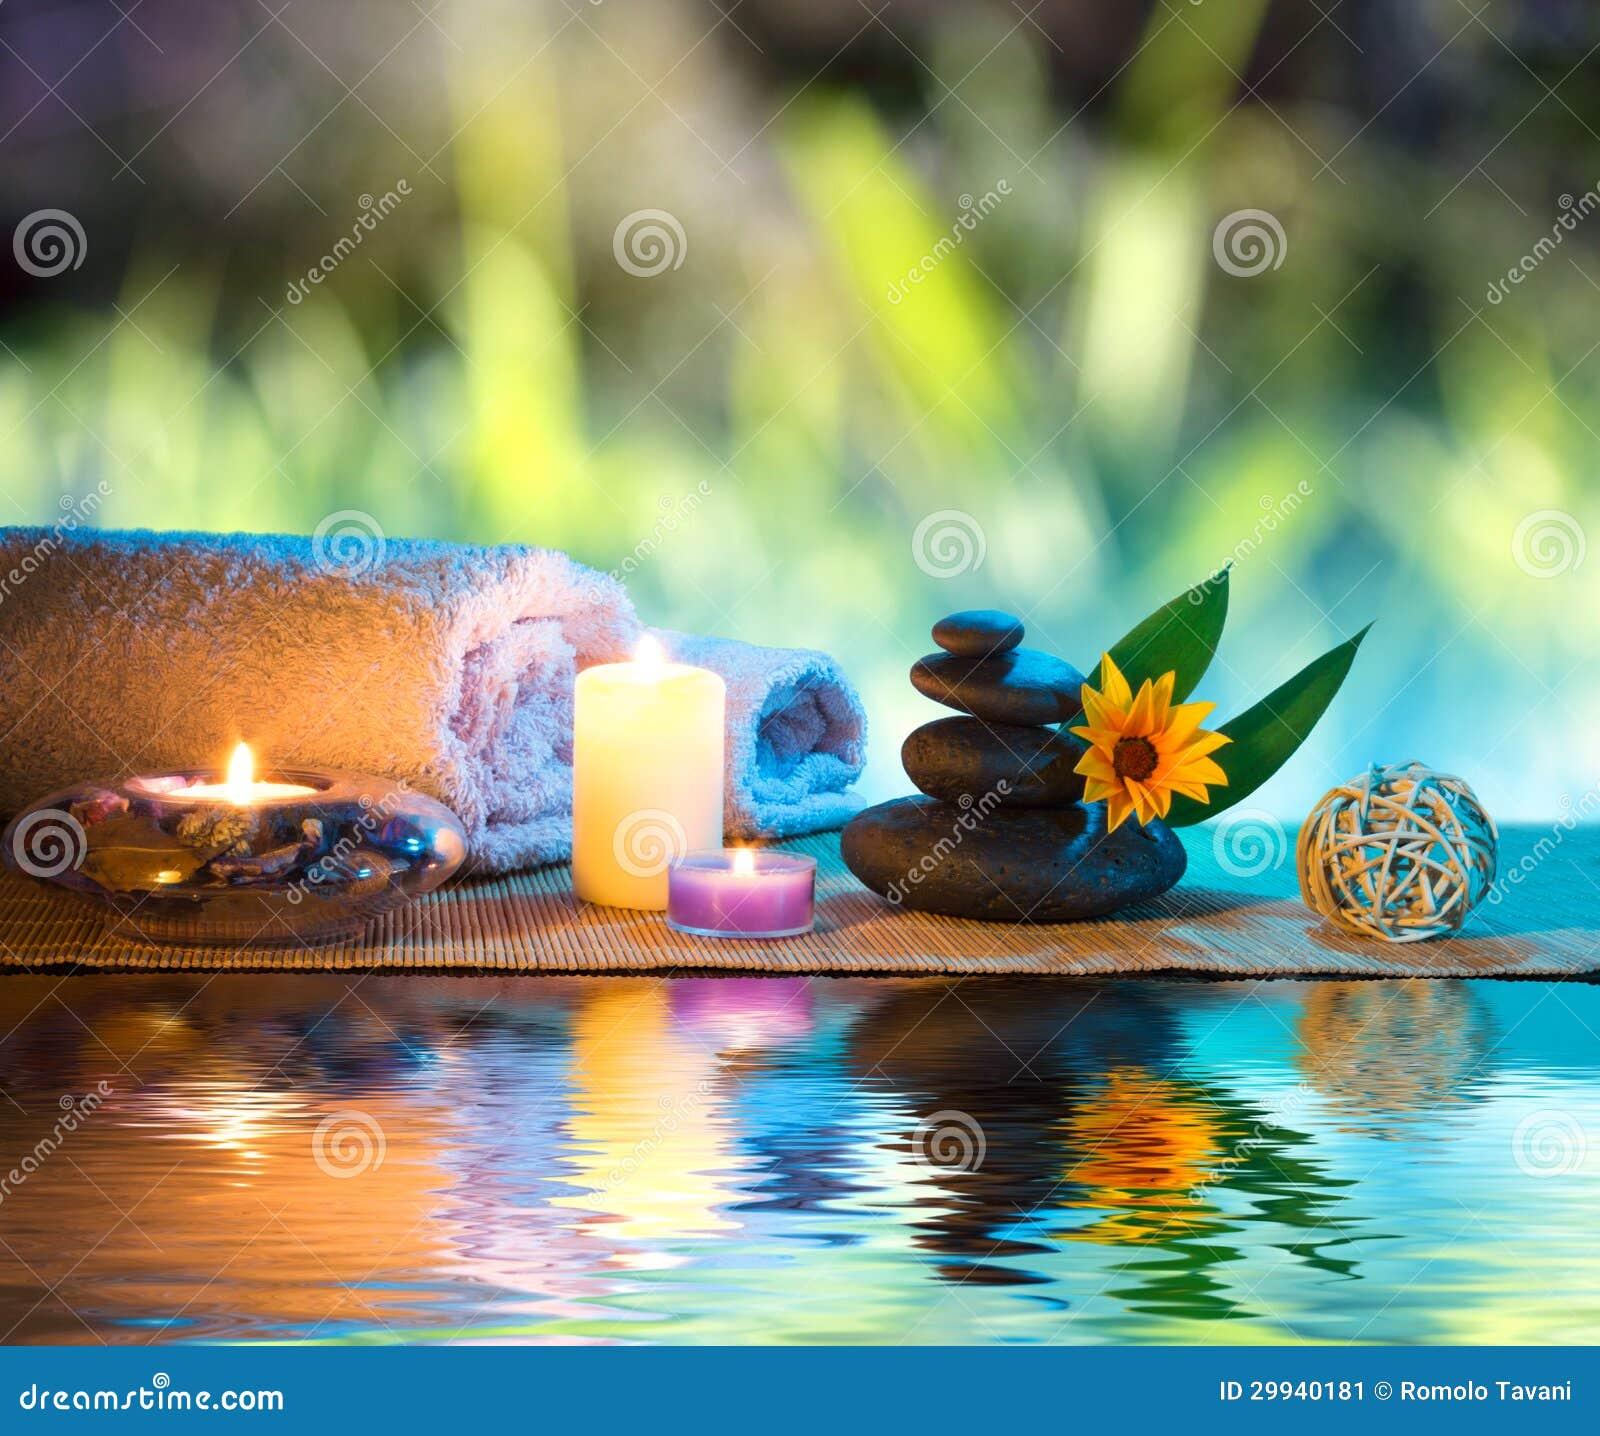 agua margarita masaje piedras toallas velas